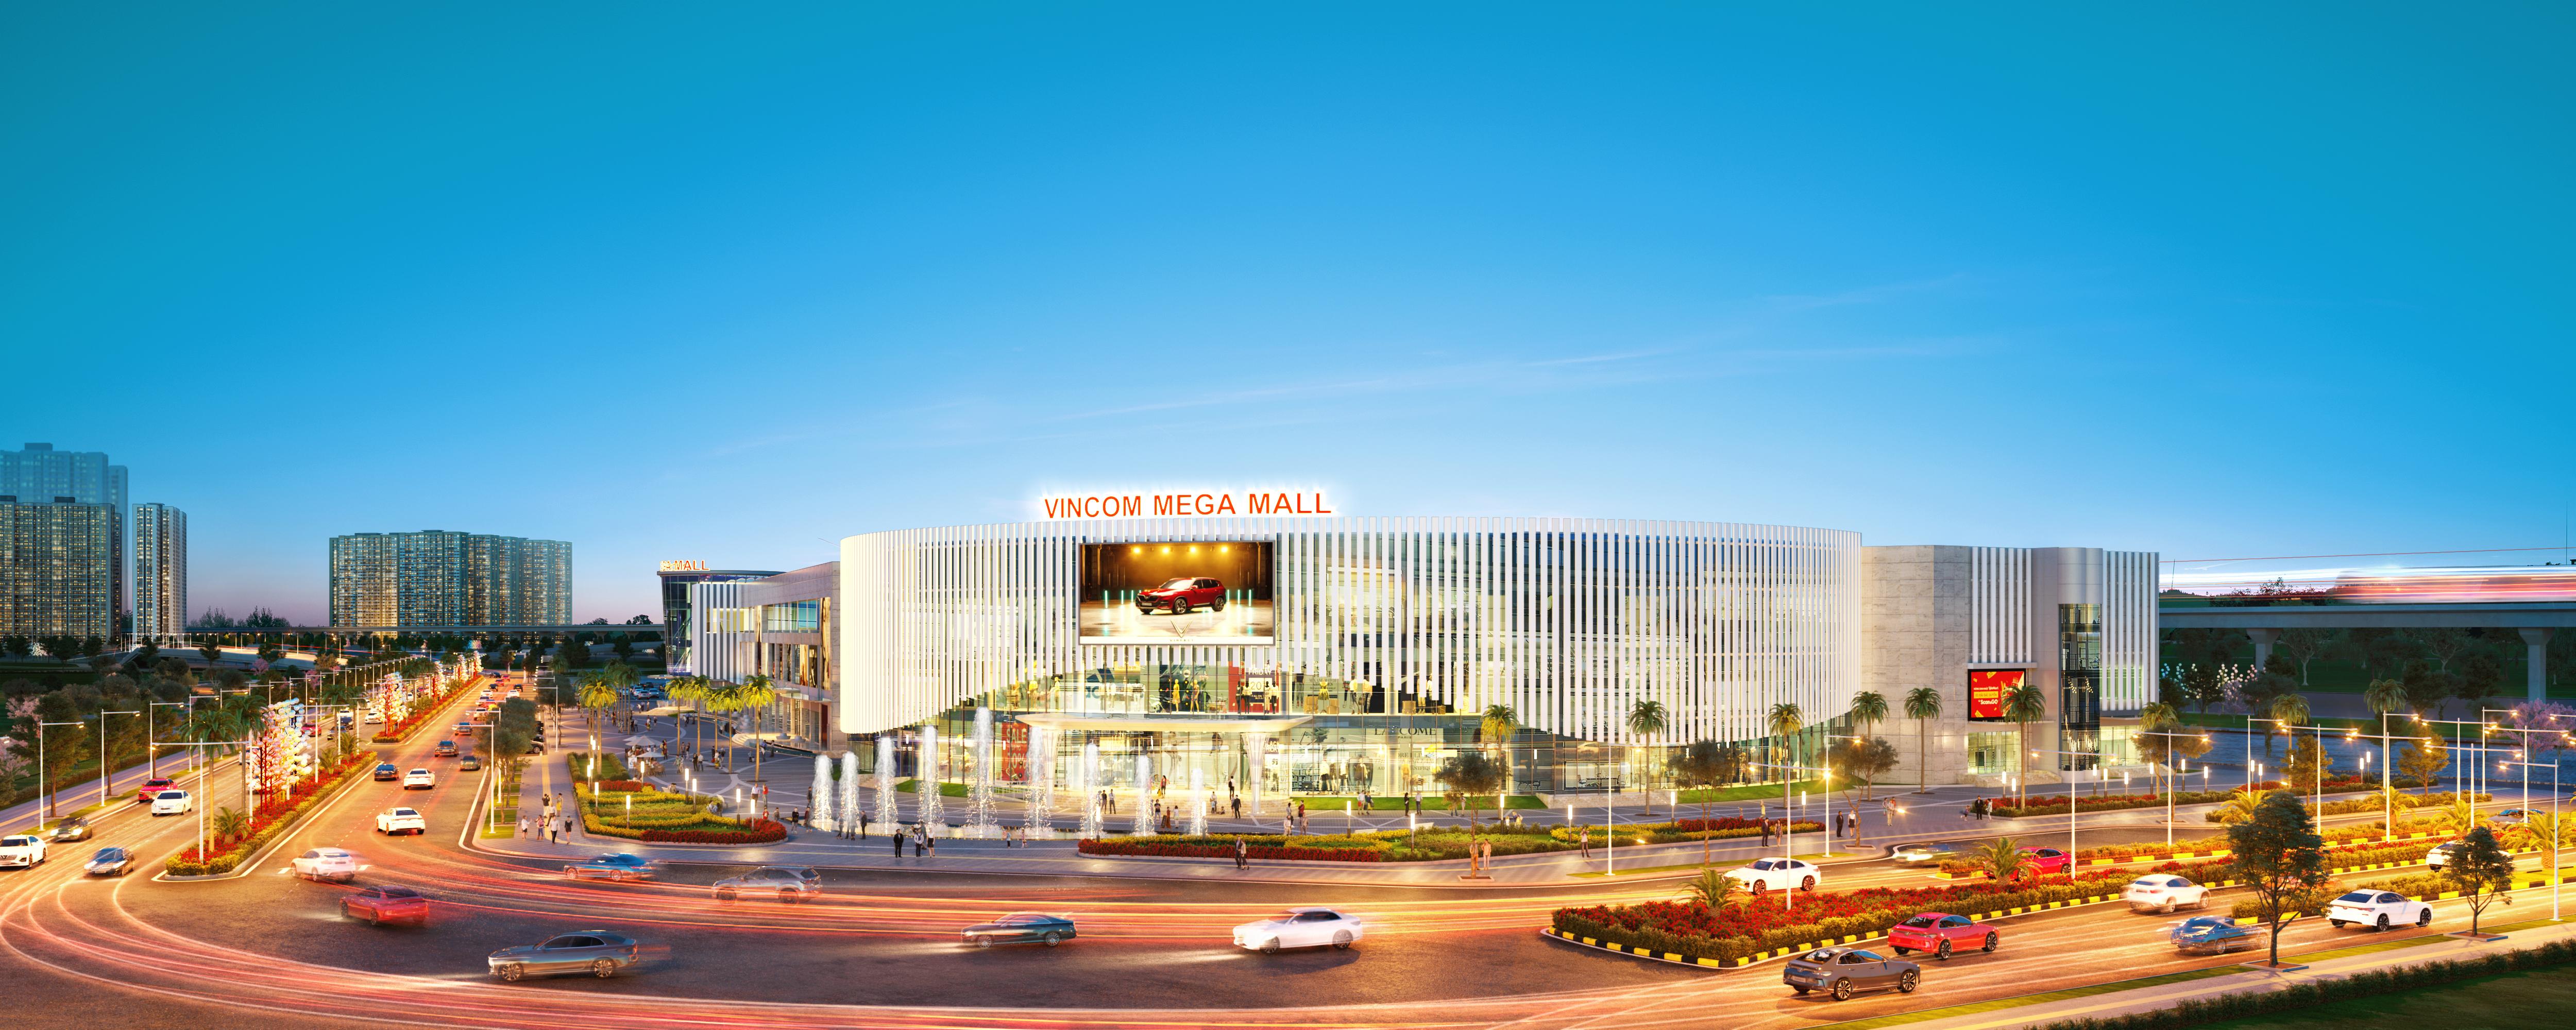 hinh anh Vincom Mega Mall Vinhomes Smart City tam diem vui choi mua sam phia Tay thu do so 04